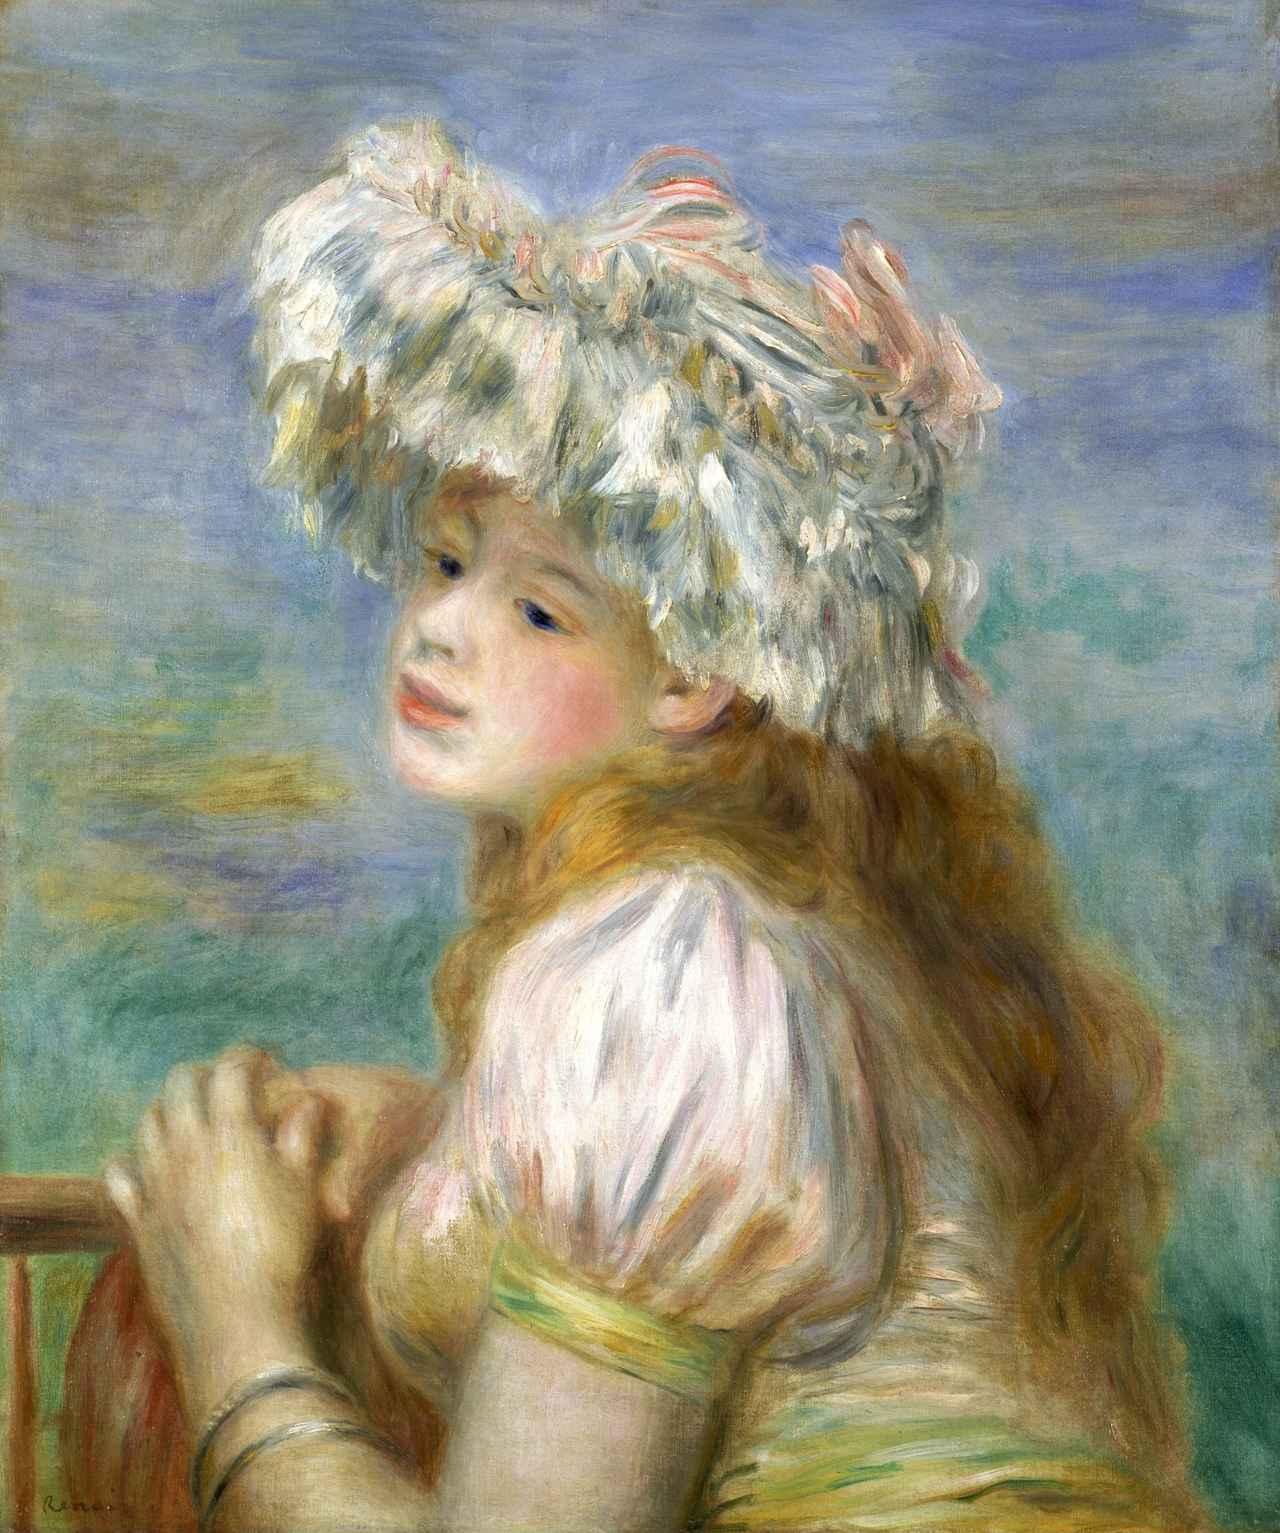 画像: ピエール・オーギュスト・ルノワール《レースの帽子の少女》1891年 ポーラ美術館蔵